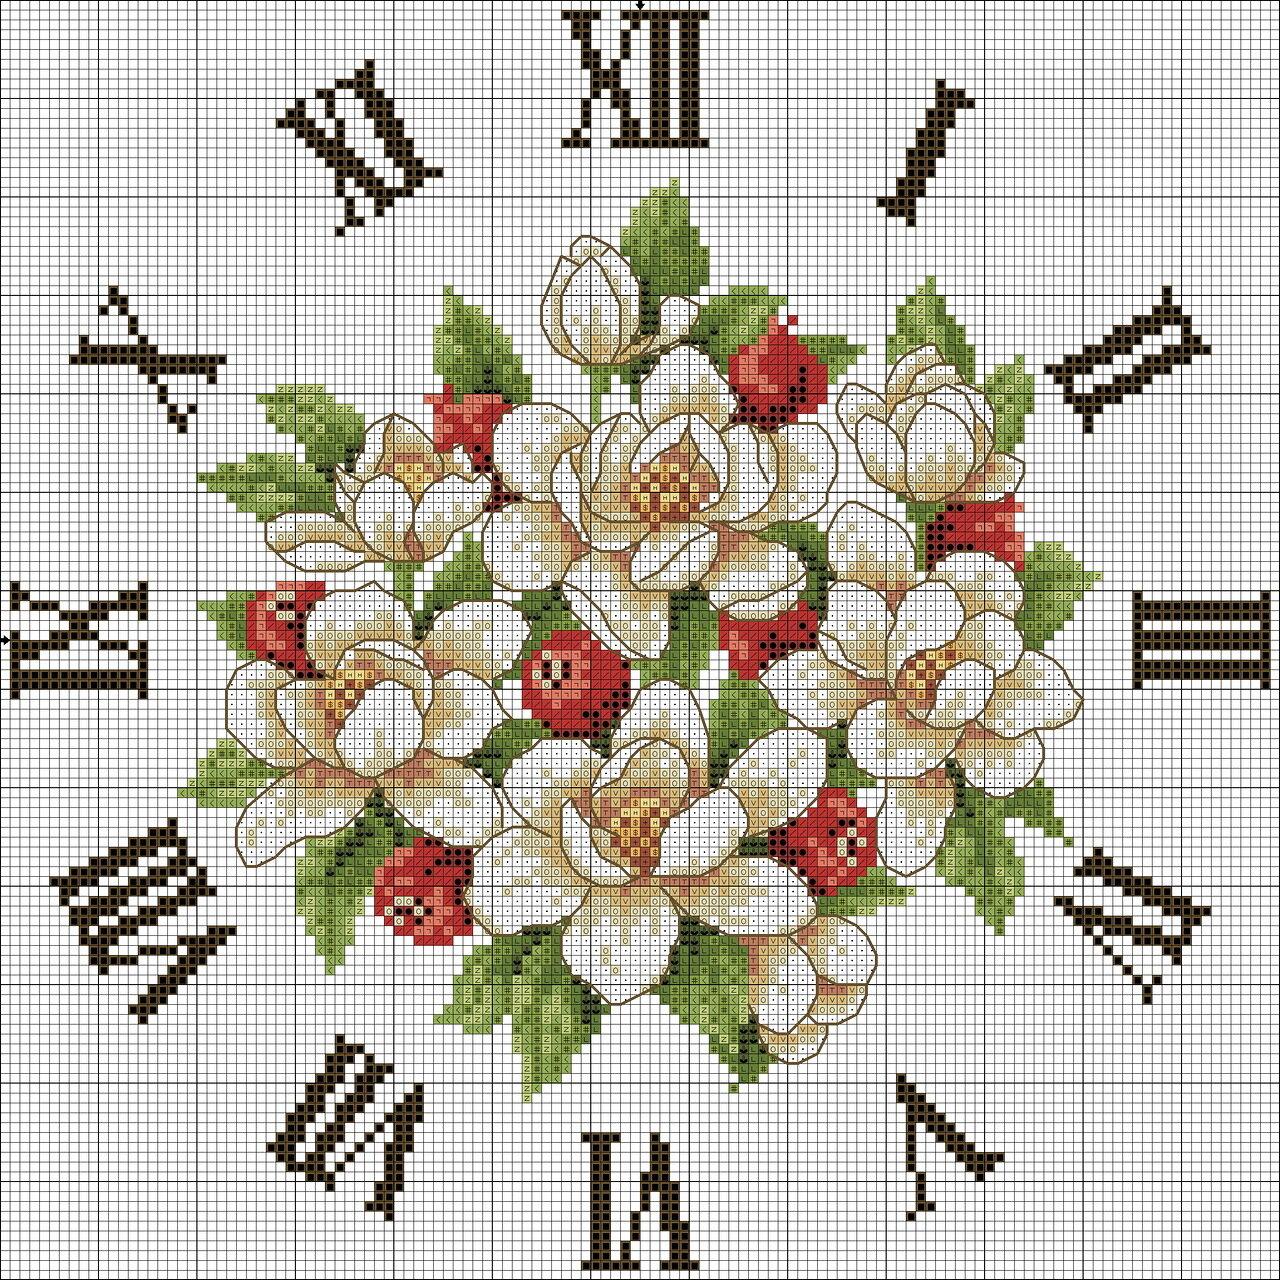 Часы вышивка крестом схемы скачать бесплатно без регистрации